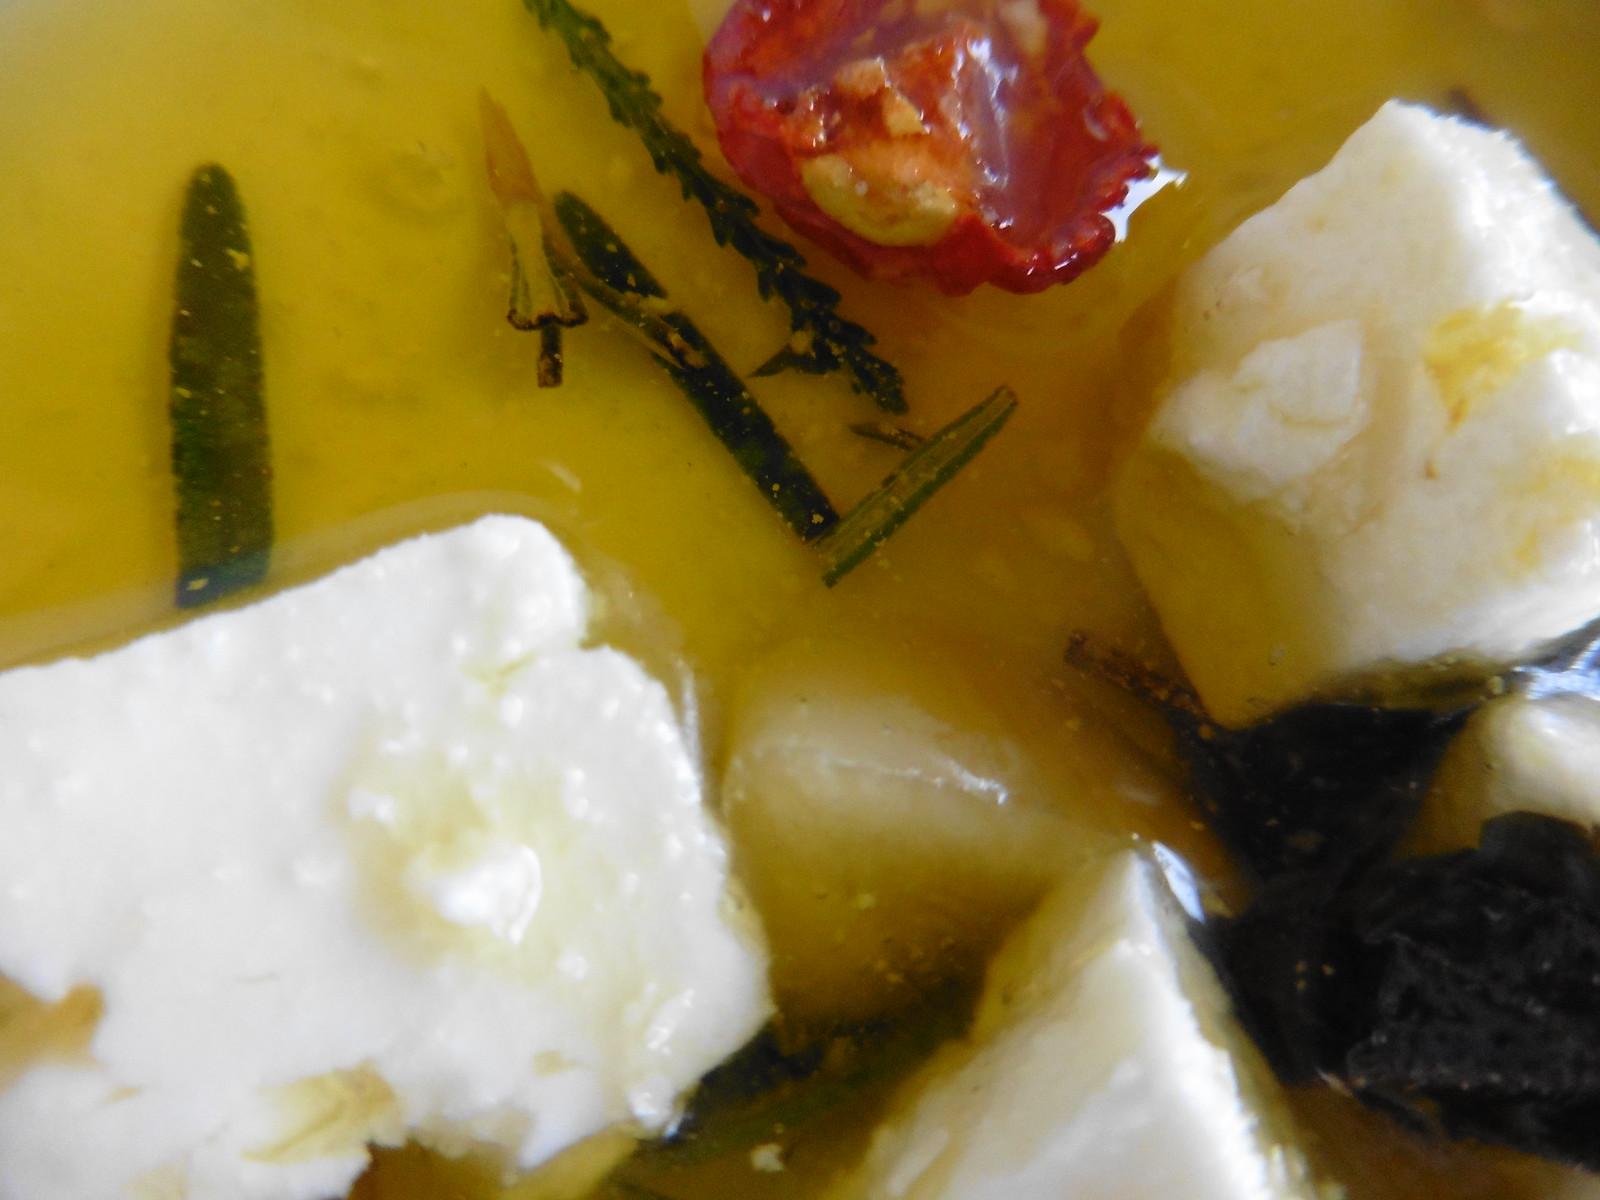 Fetawürfelchen in Olivenöl eingelegt